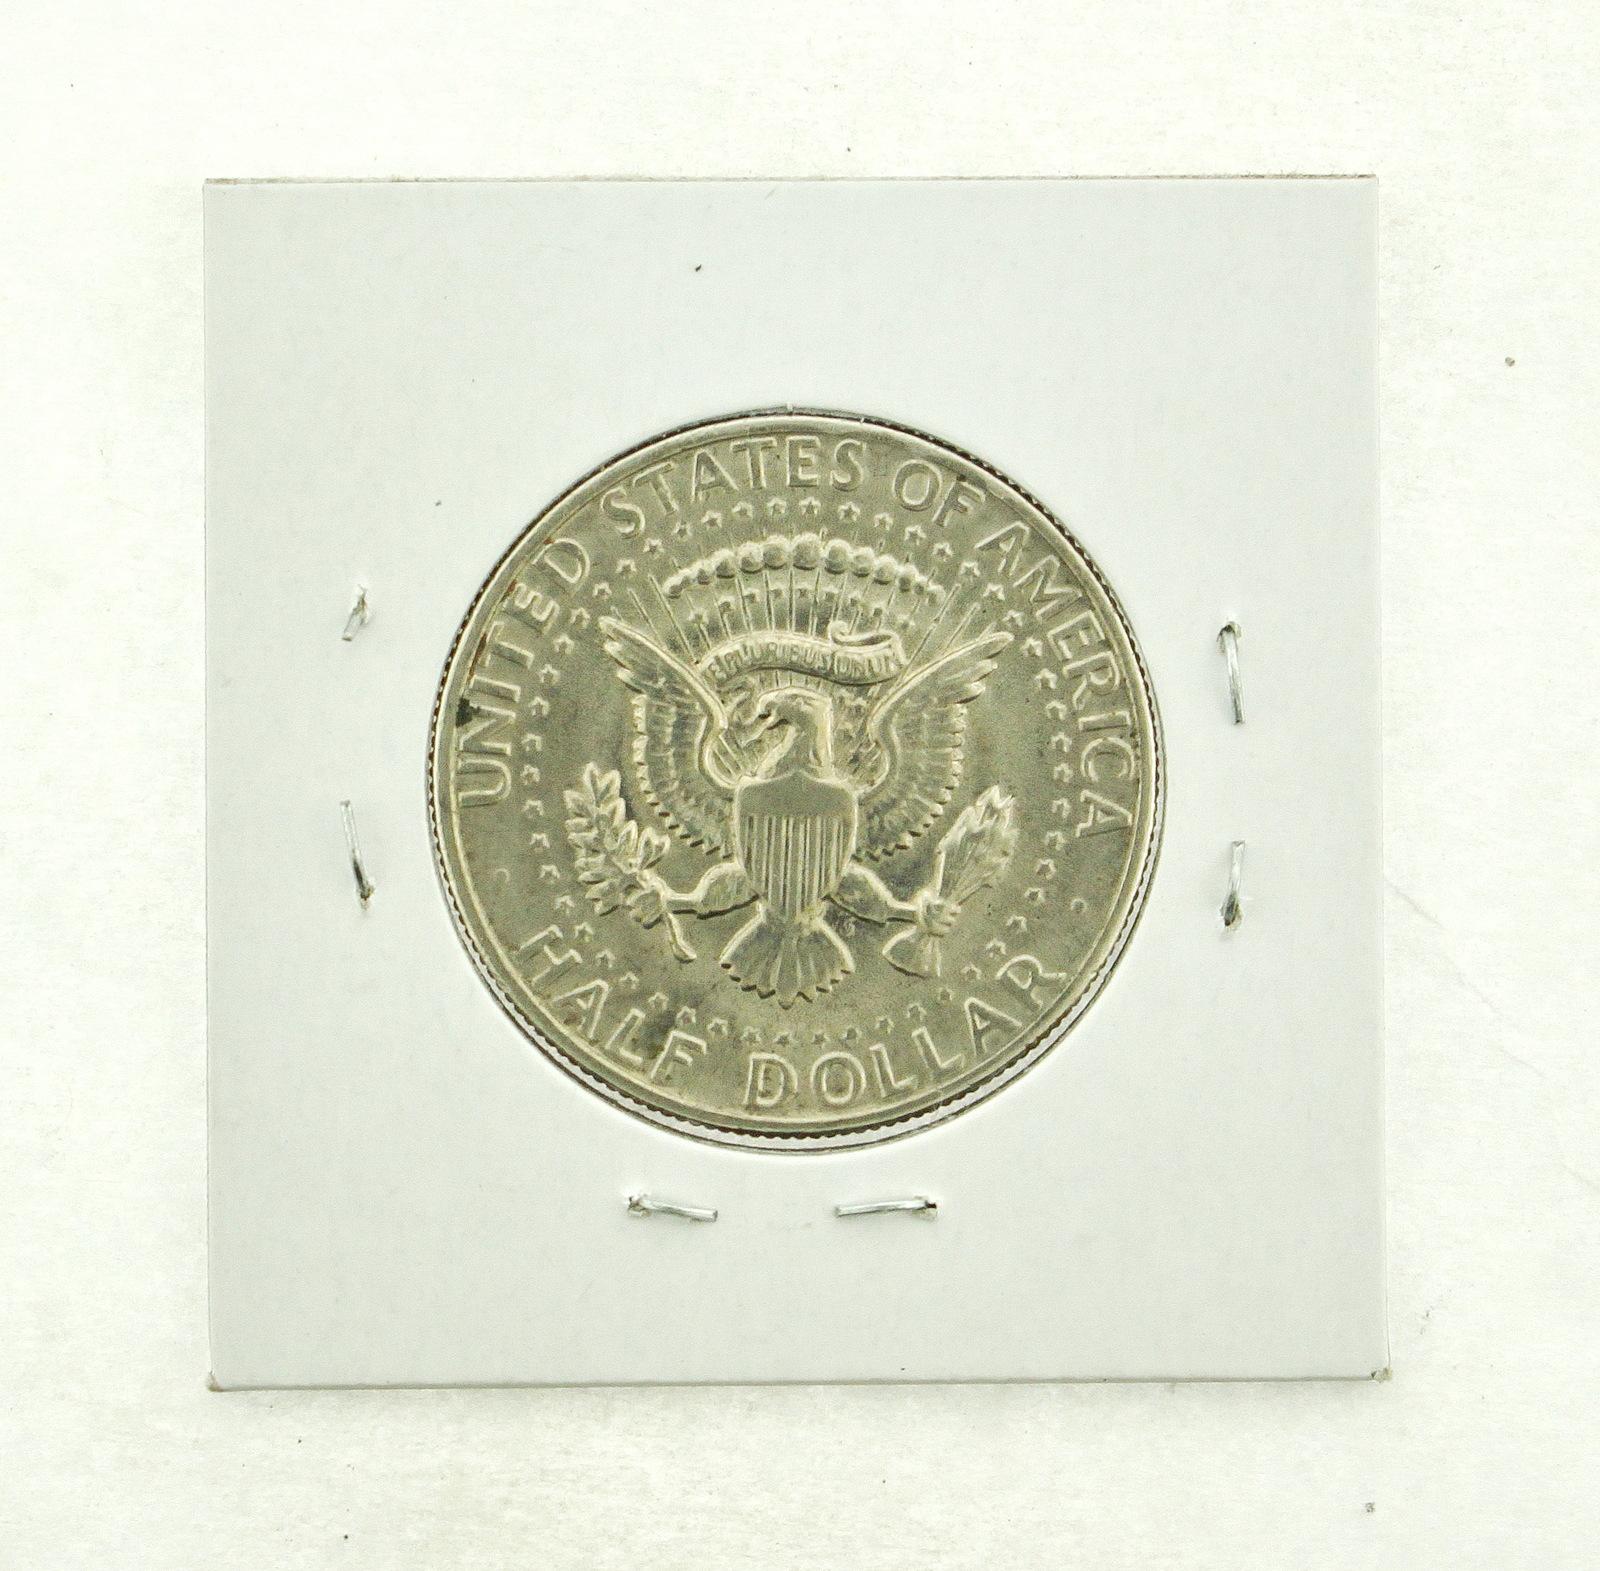 1971-D Kennedy Half Dollar (F) Fine N2-3467-26